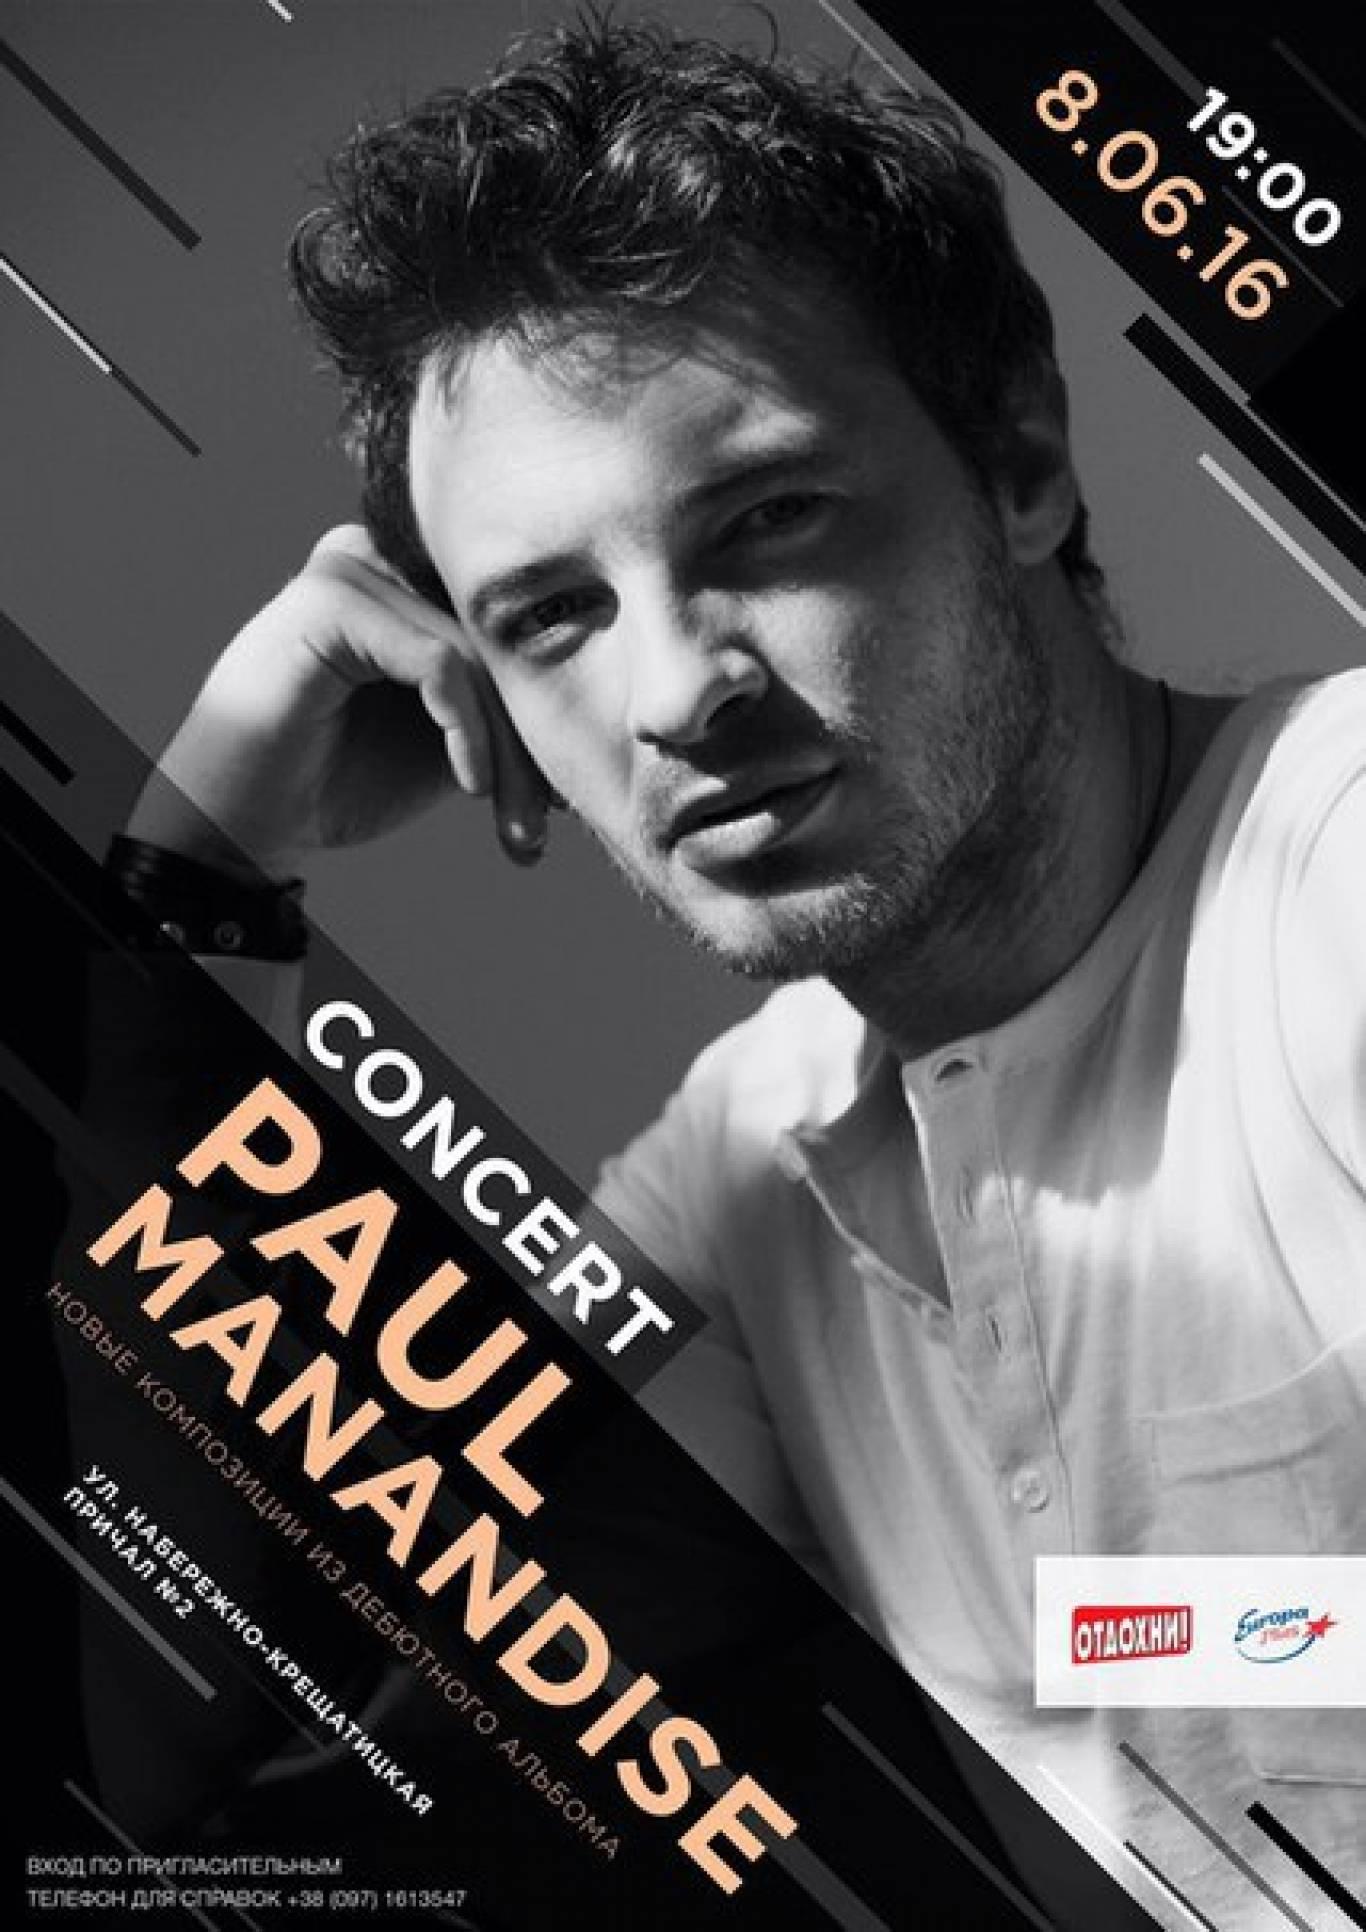 Концерт французького музиканта Поля Манондіза